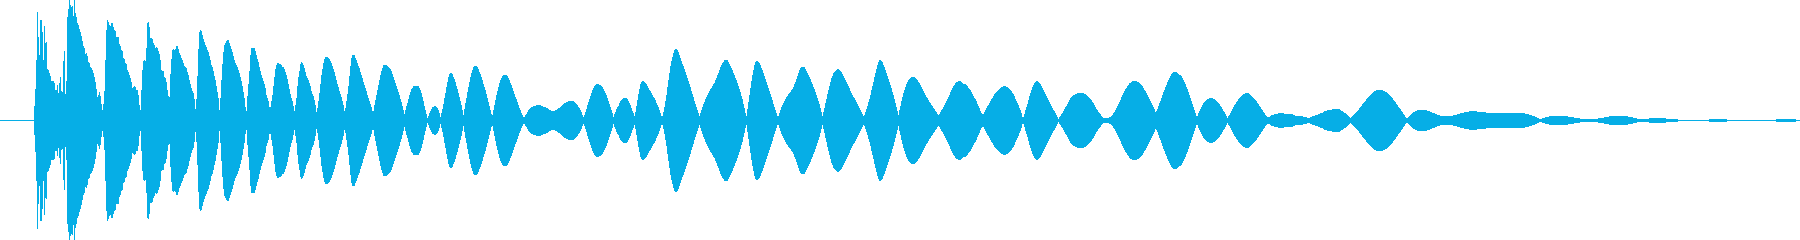 中空プラスチックの衝撃プラスチック...の再生済みの波形